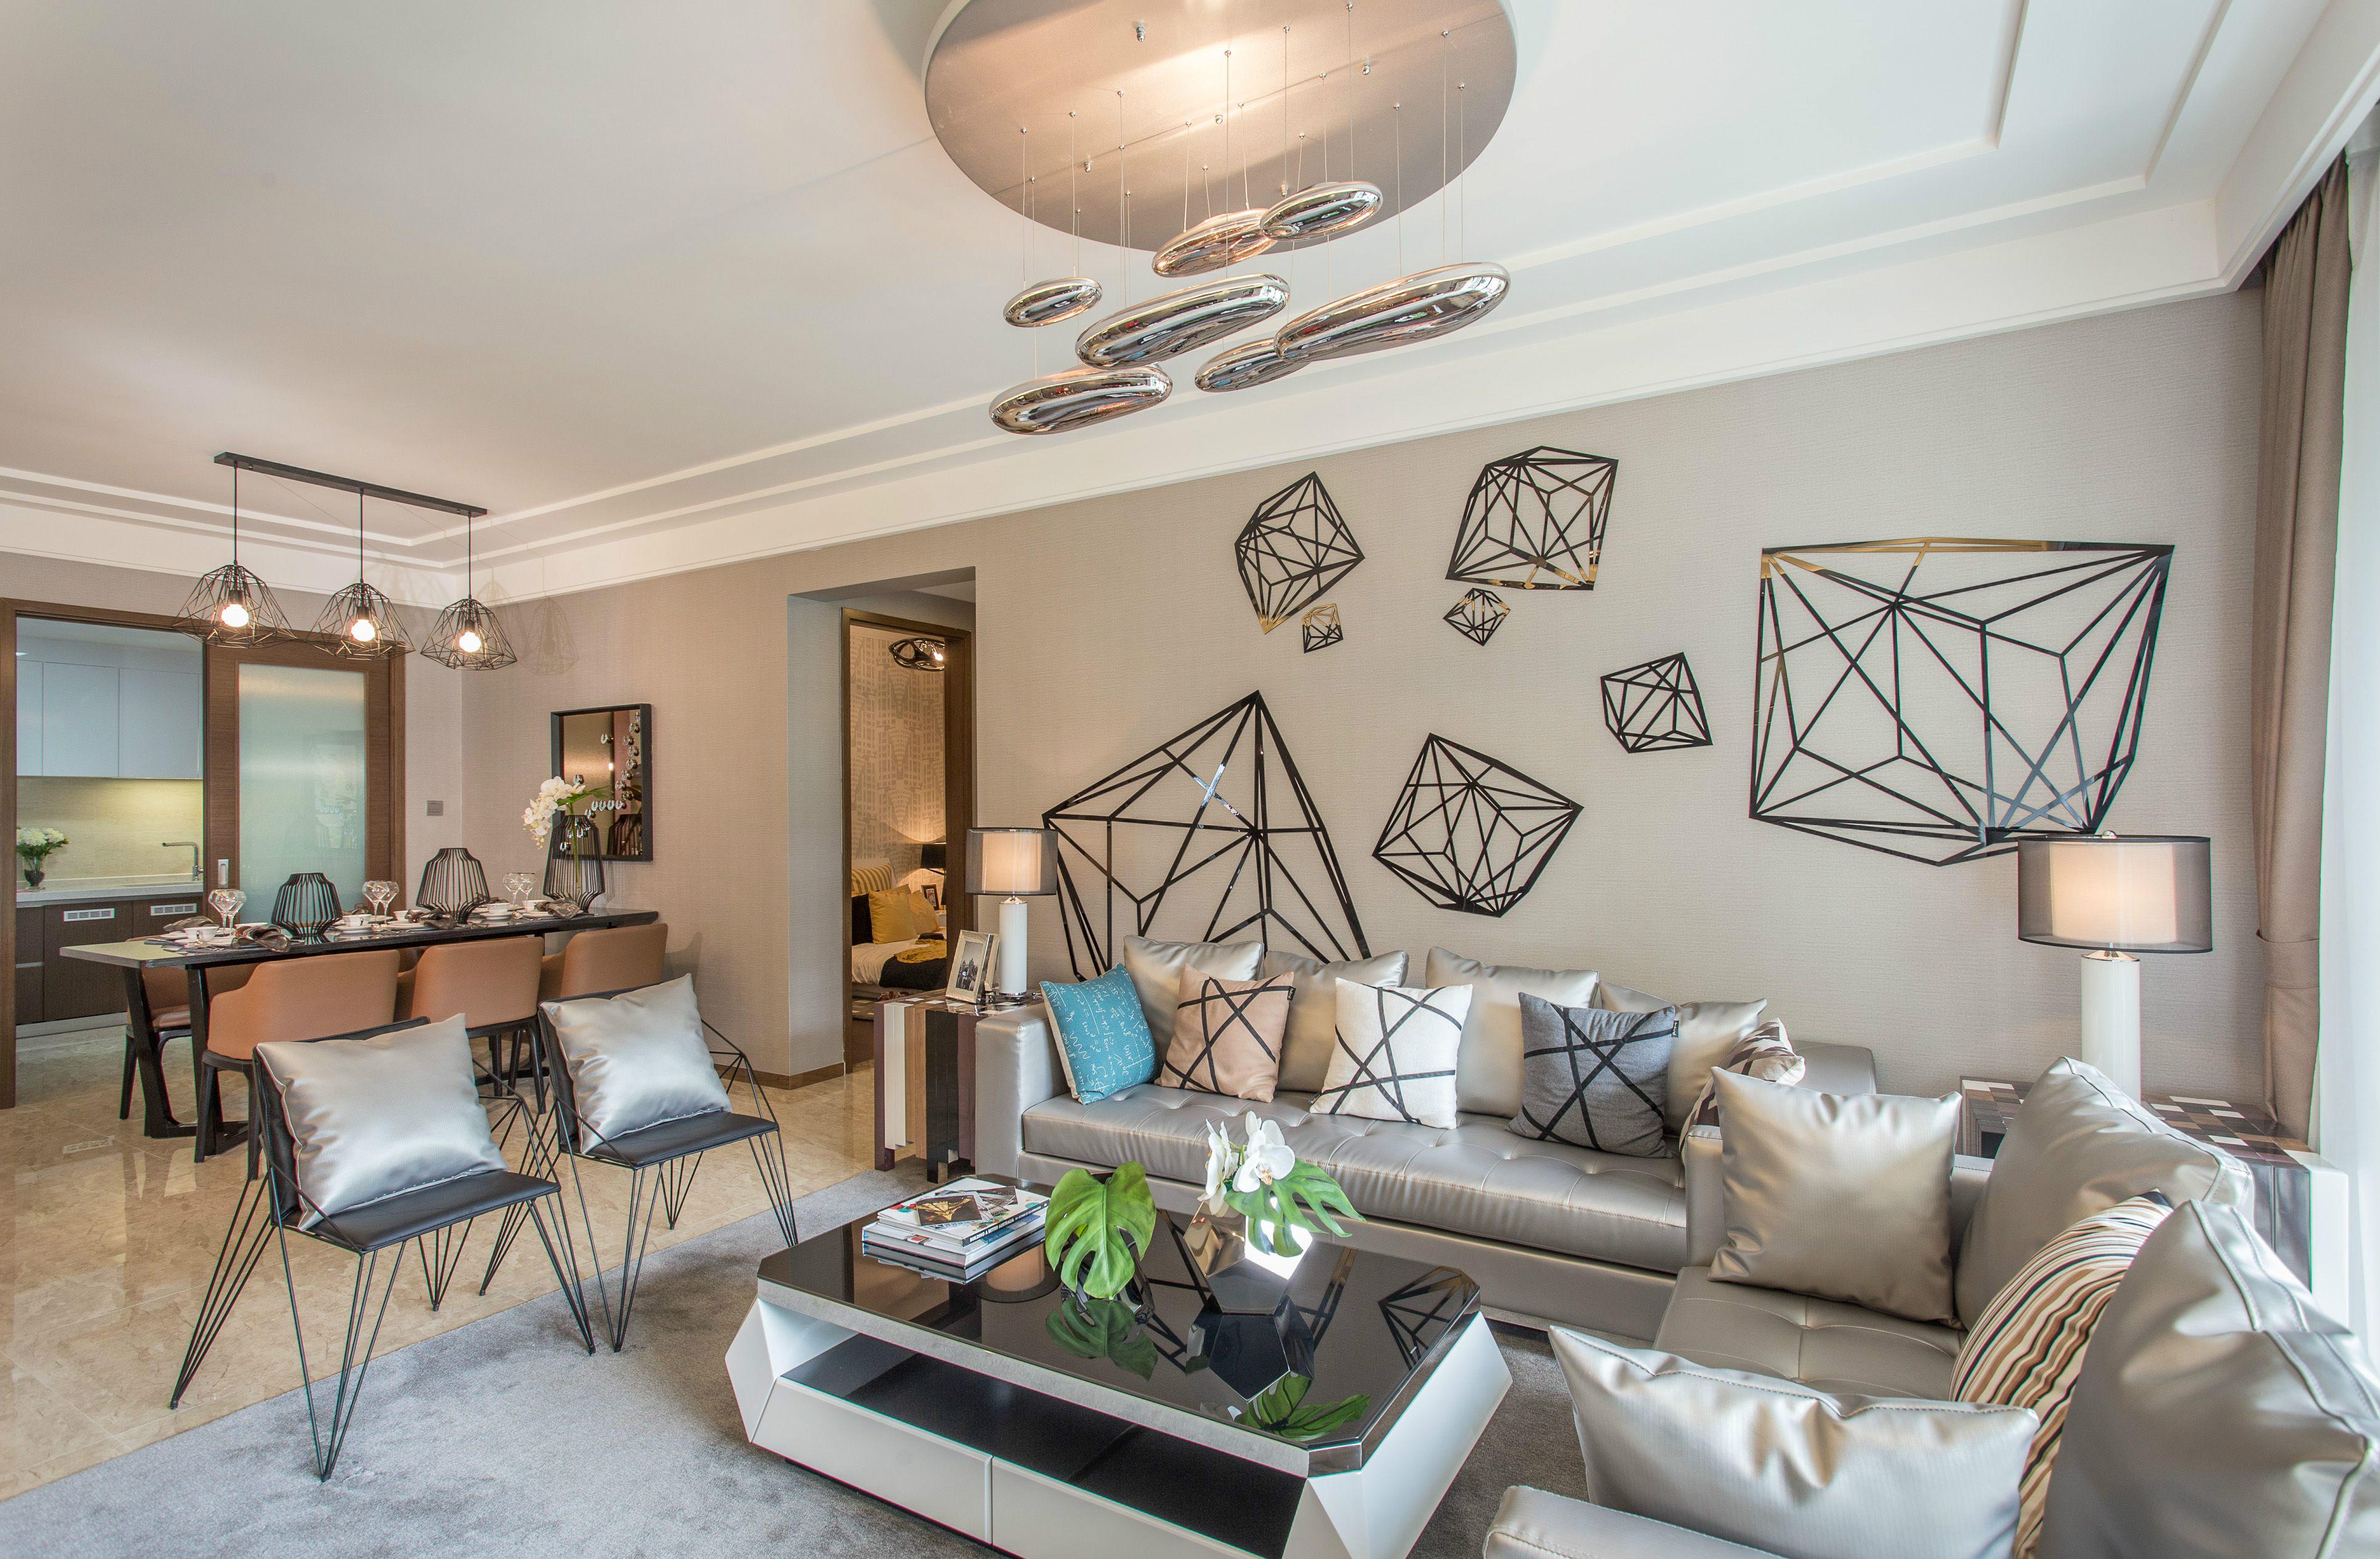 田园 简约 客厅图片来自陕西峰光无限装饰在东旭小区的分享